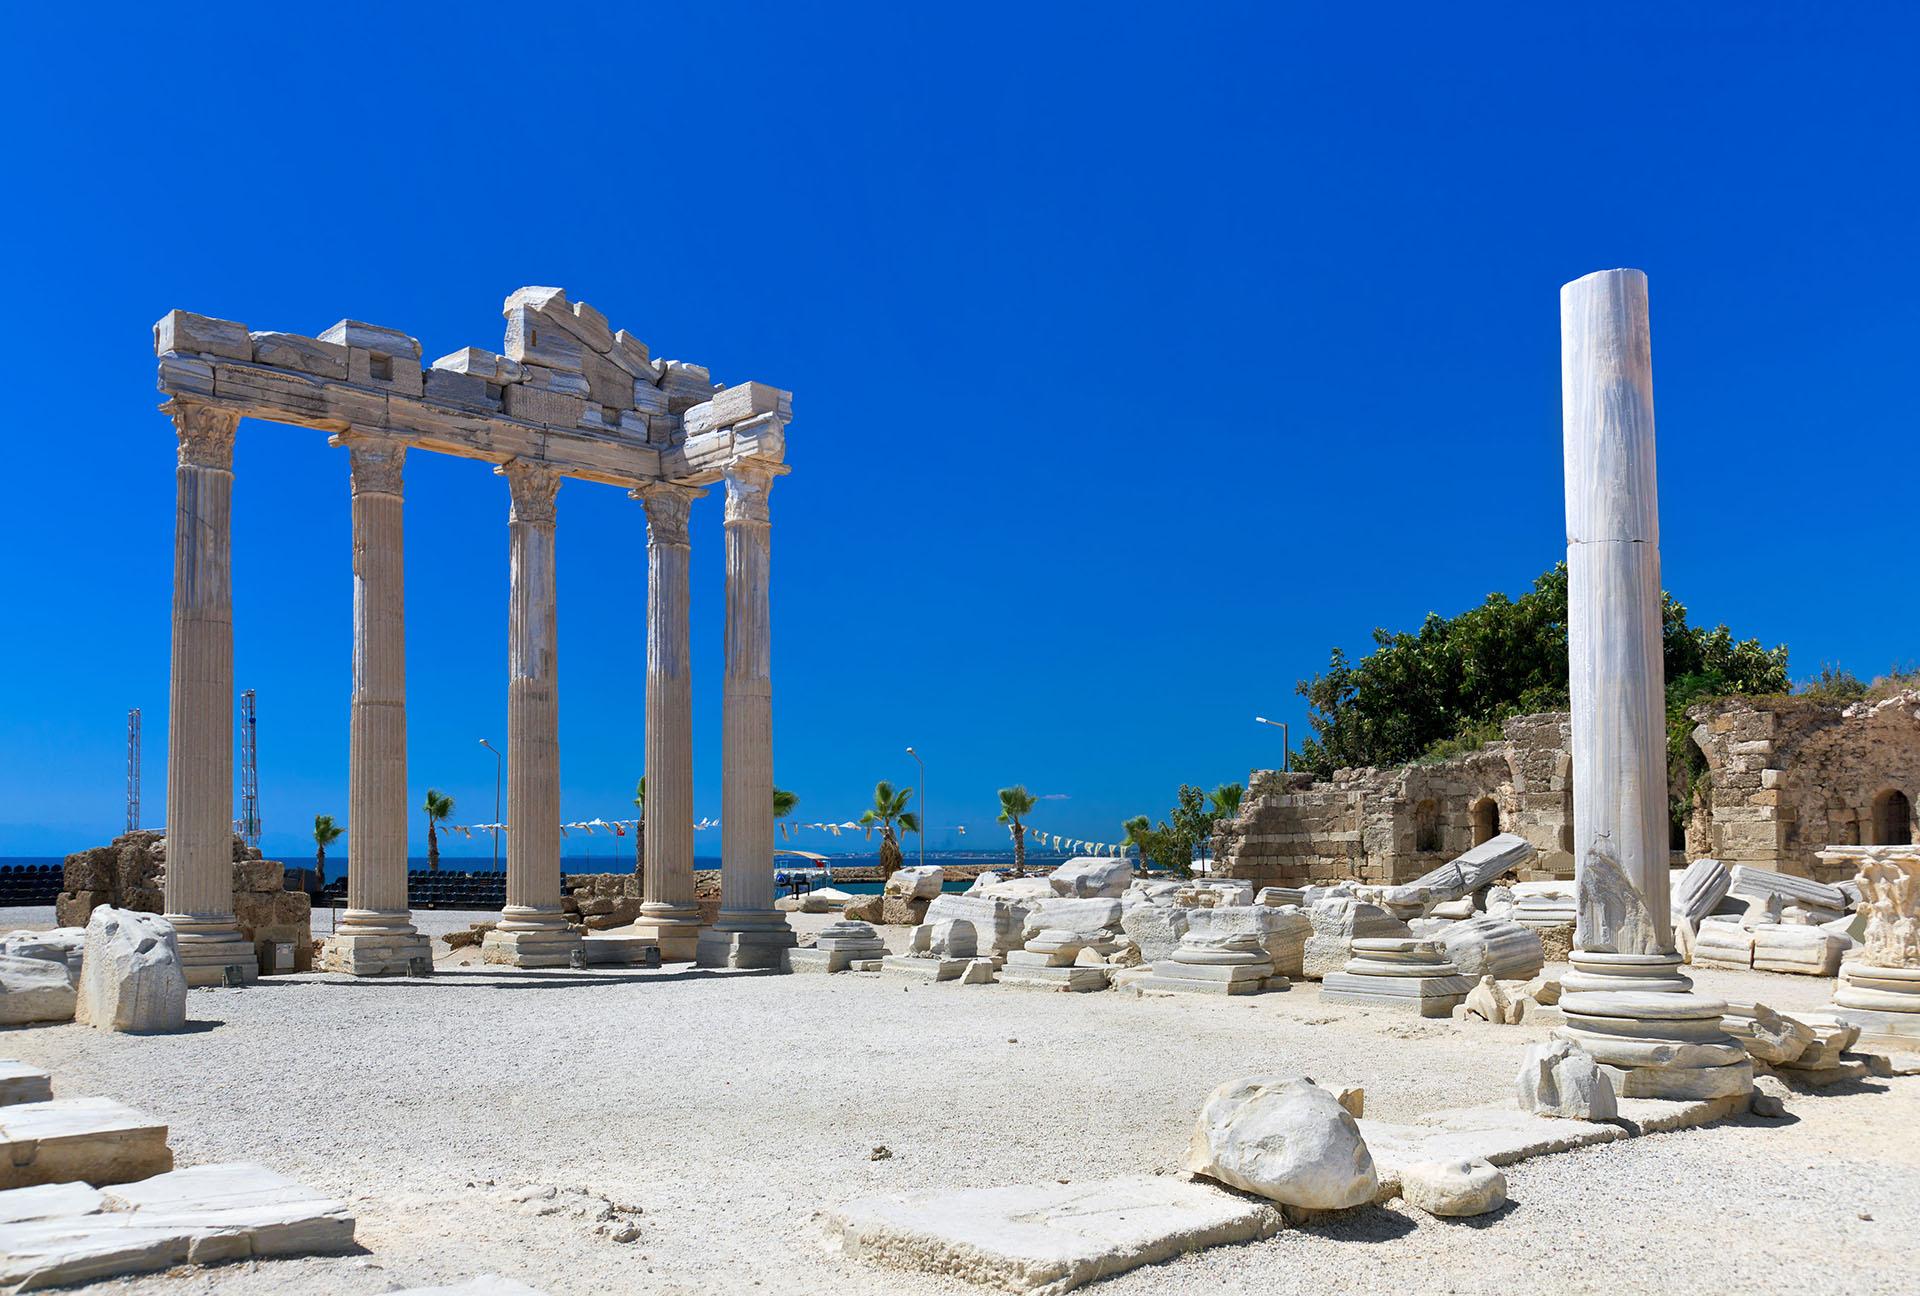 Сиде: турецкий город, где встречались Антоний и Клеопатра